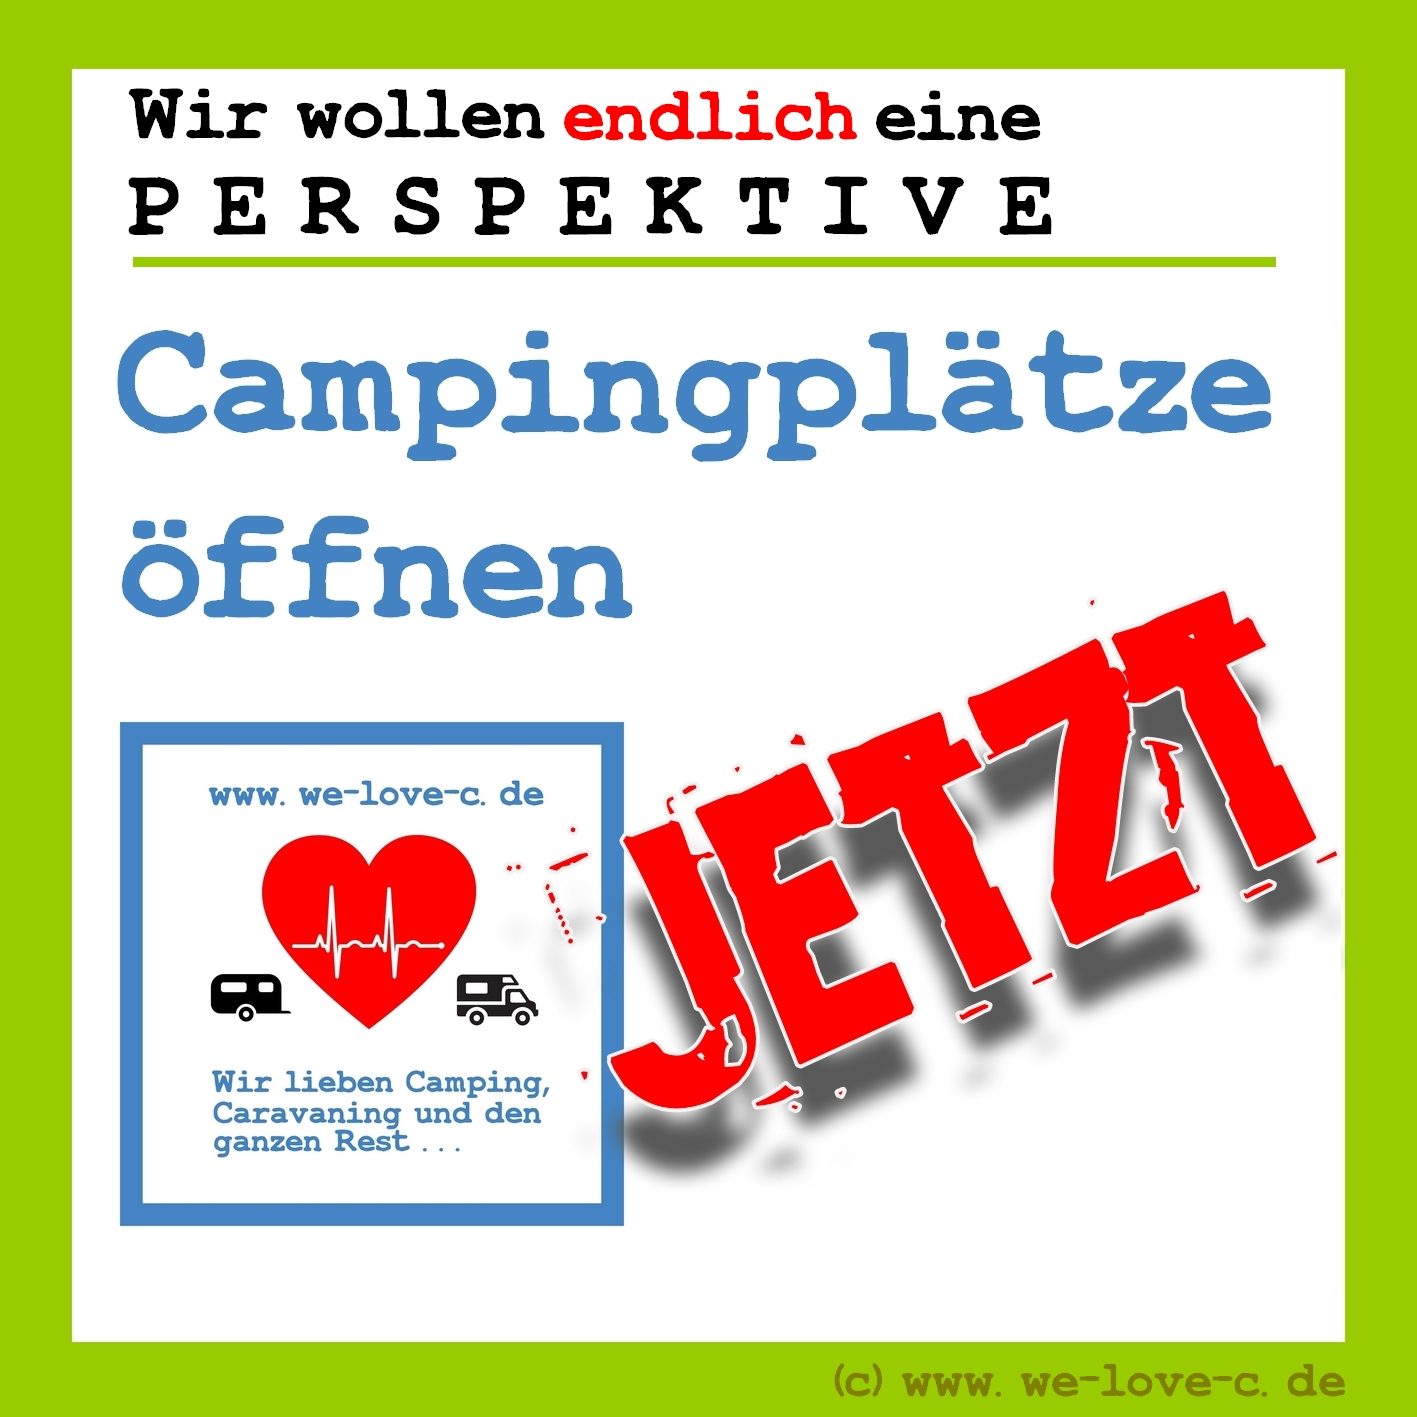 We love C startet eine Kampagne zur Öffnung der Campingplätze. Webmaster können ganz einfach mithelfen! (Grafik: tom/dkf)